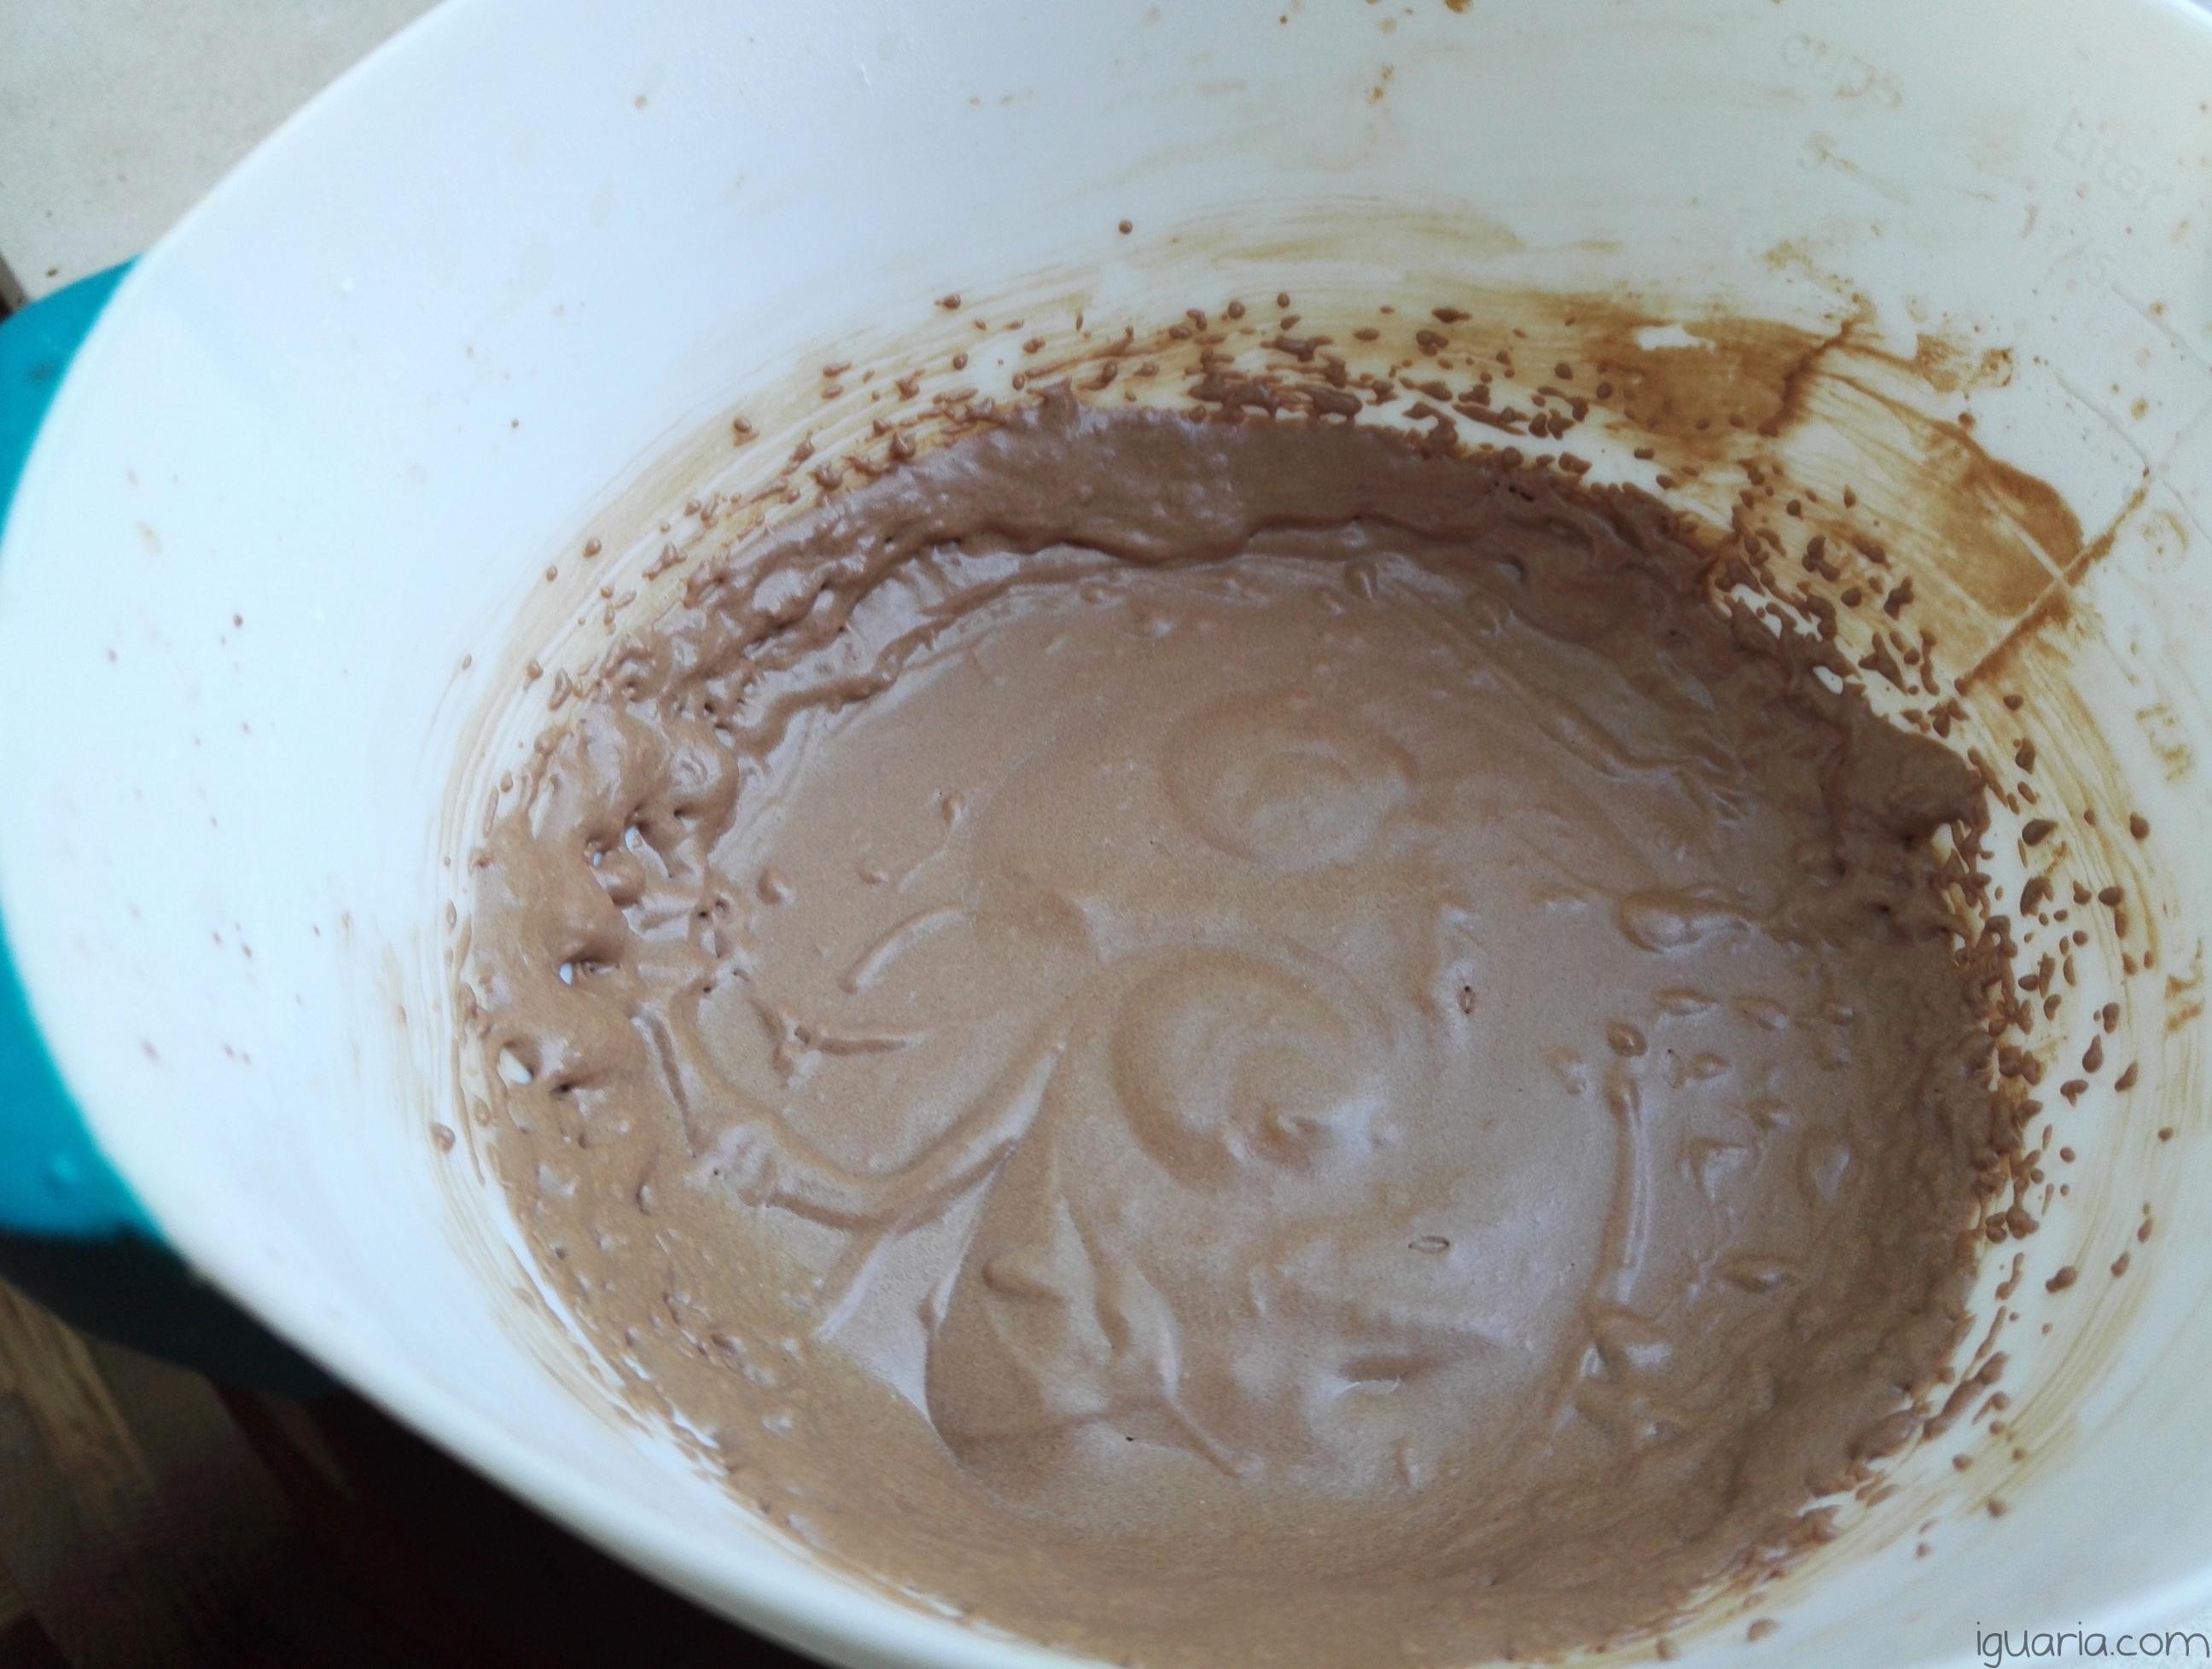 iguaria-creme-de-chocolate